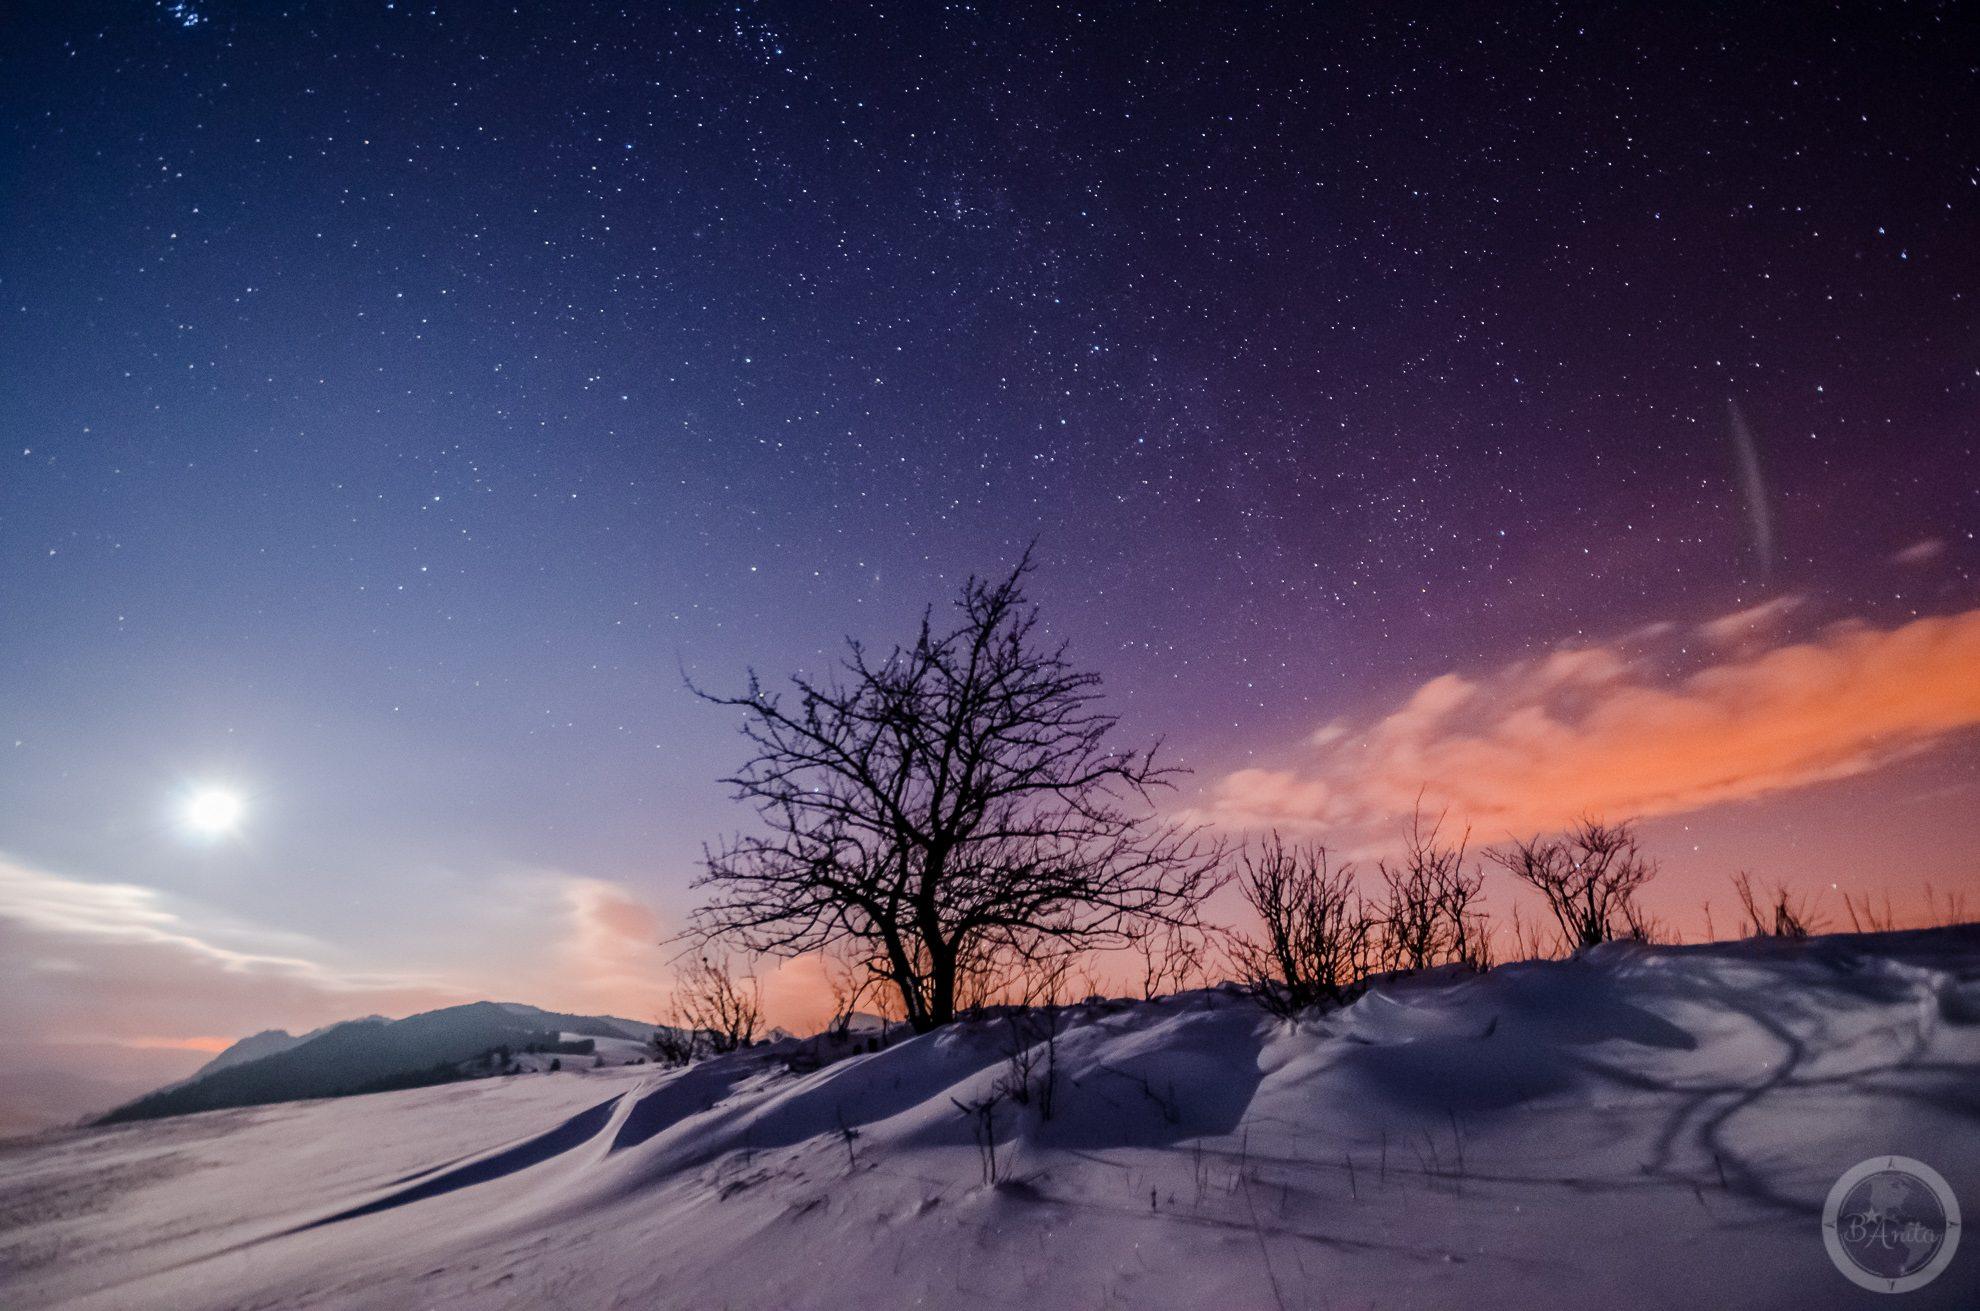 Nocne zdjęcie rozgwieżdżone nieba wykonane naszczycie góry. Wysoki Wierch, Małe pieniny